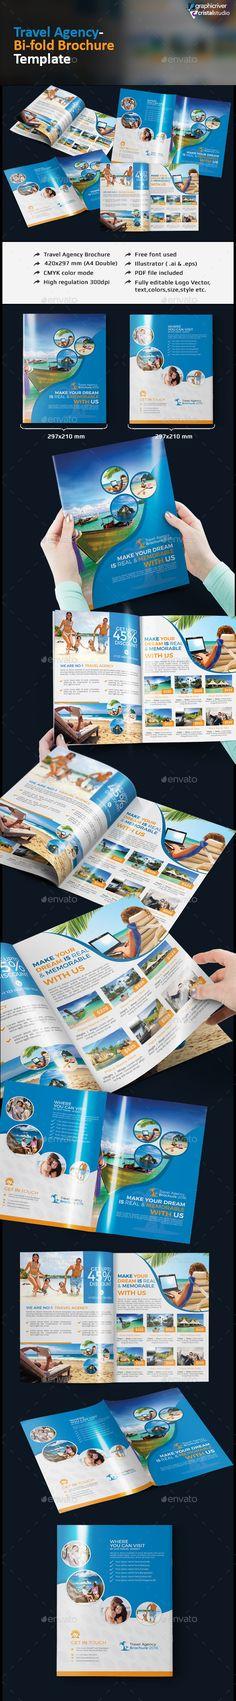 travel agency brochure pdf | Joshymomo org